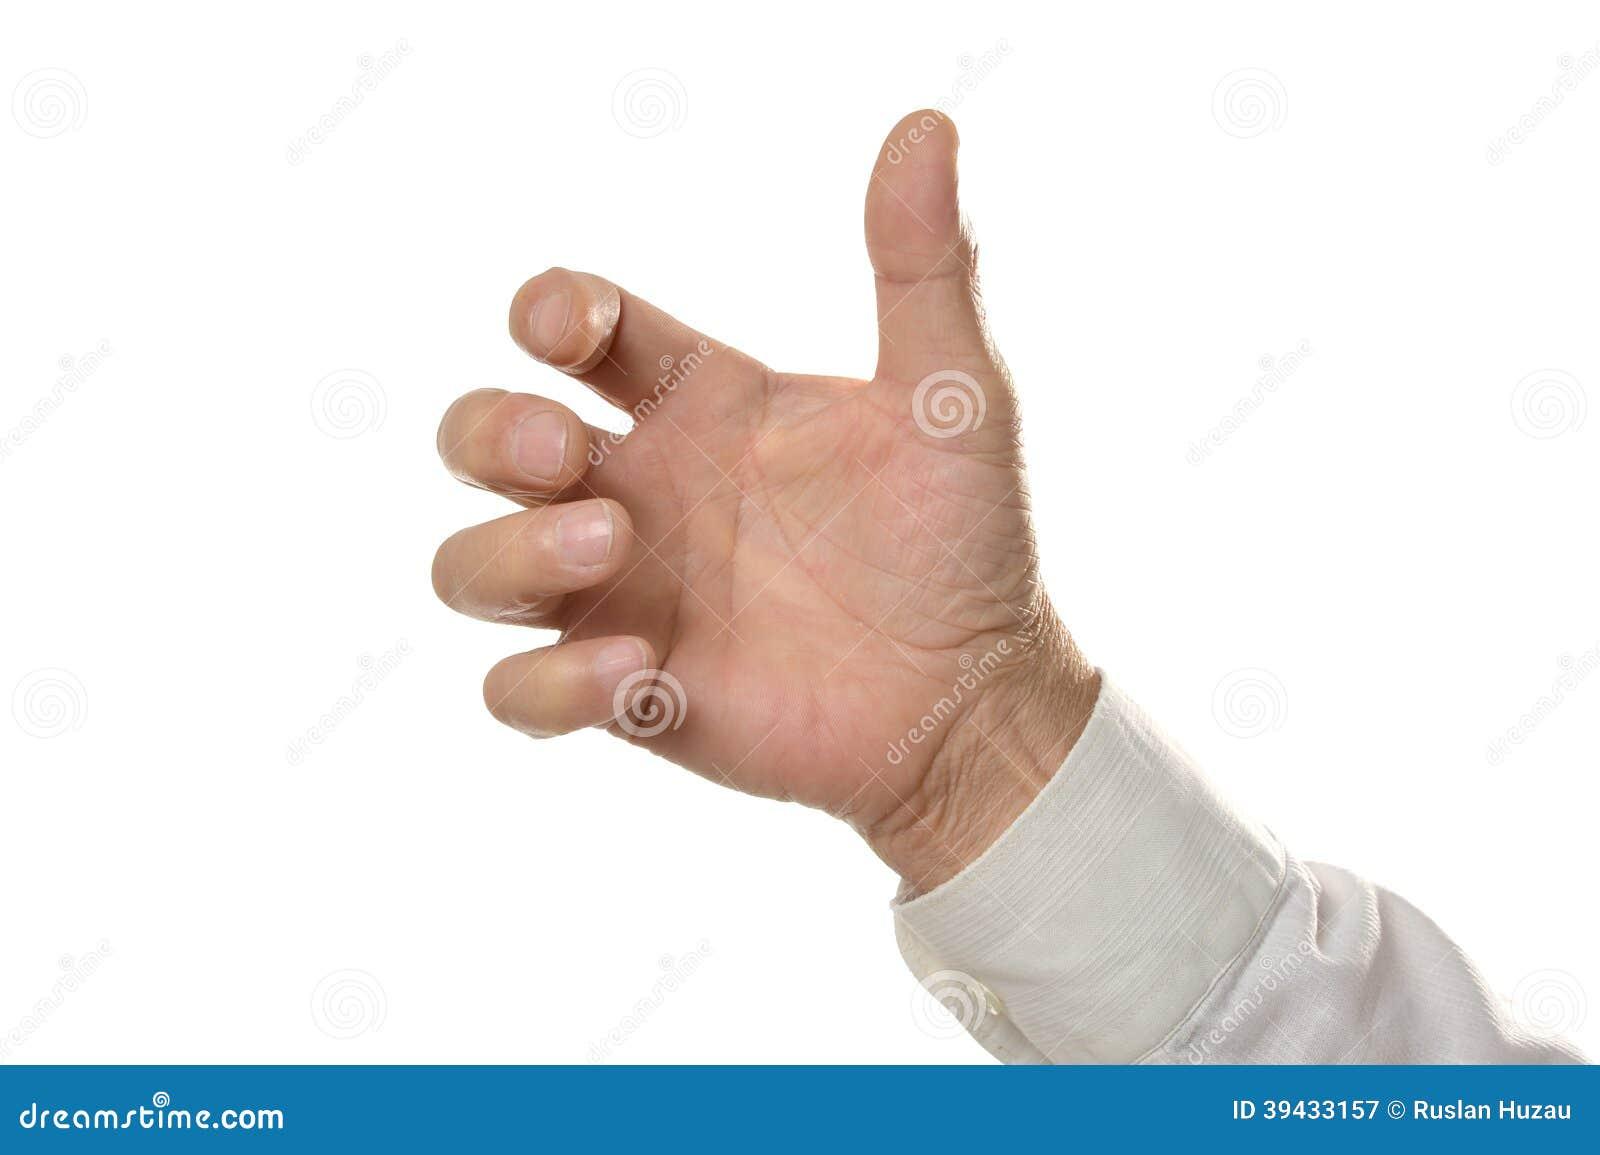 Male Hand holding something isolated on white background.